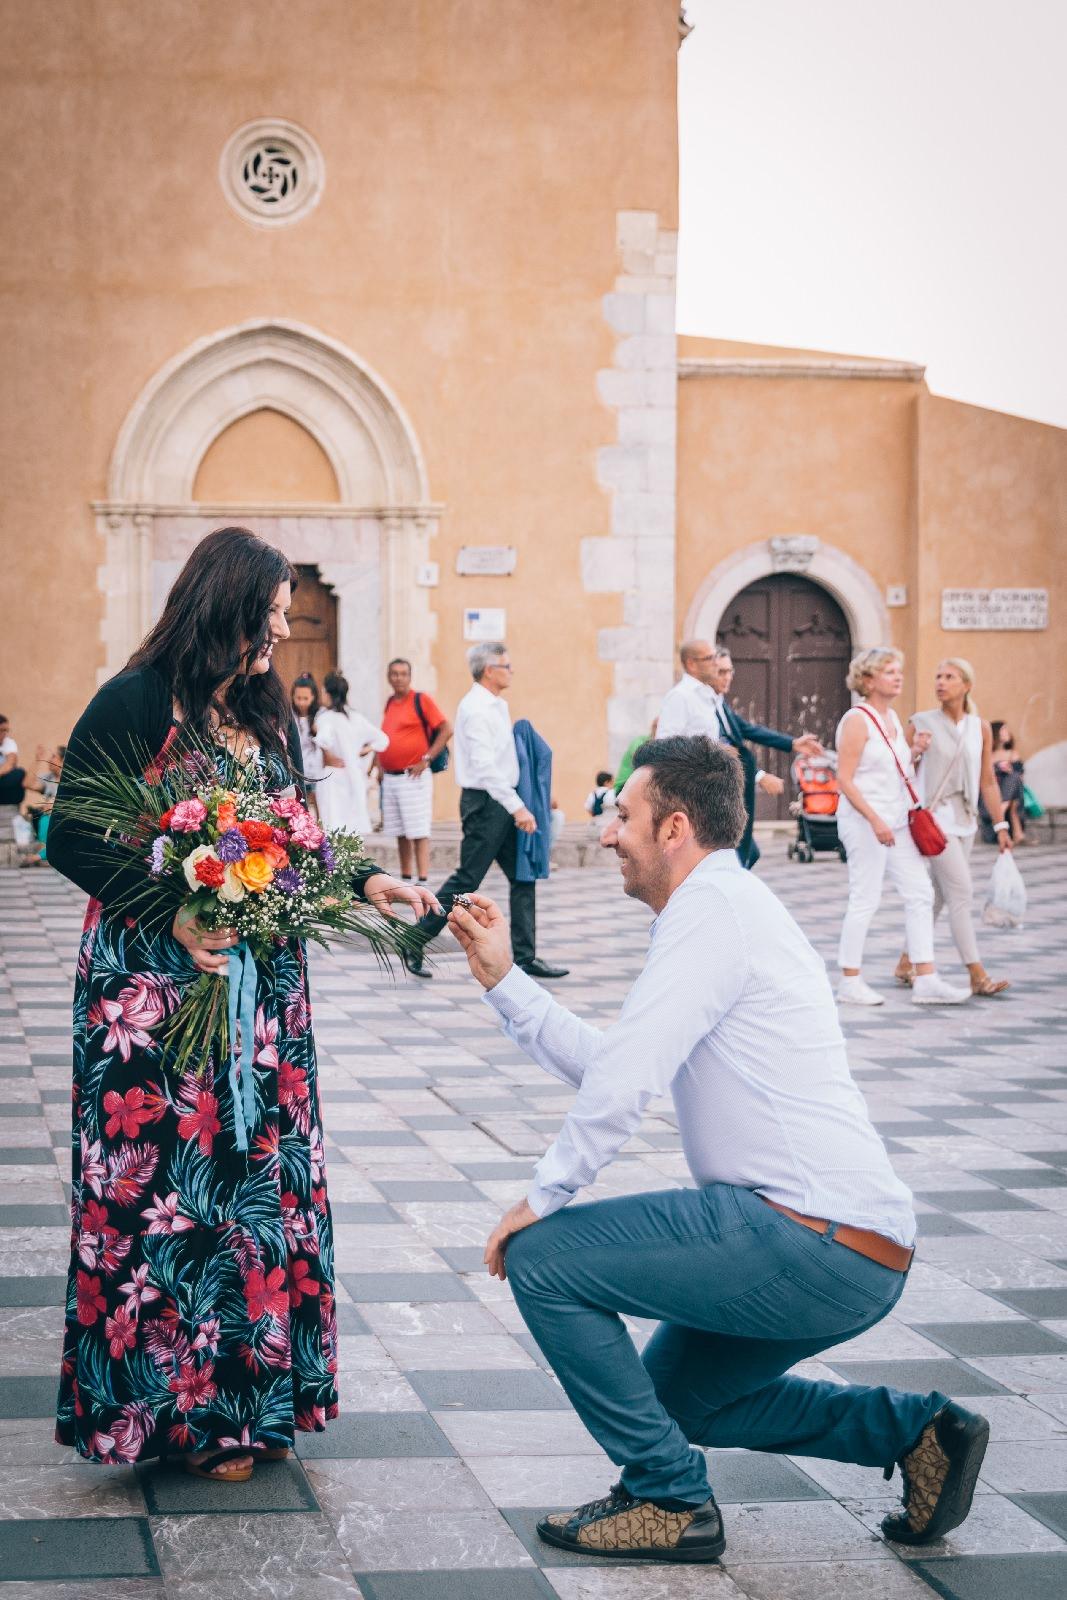 059-2018-09-22-Engagement-Alessandra-e-Igor-Pizzone-5DE-105